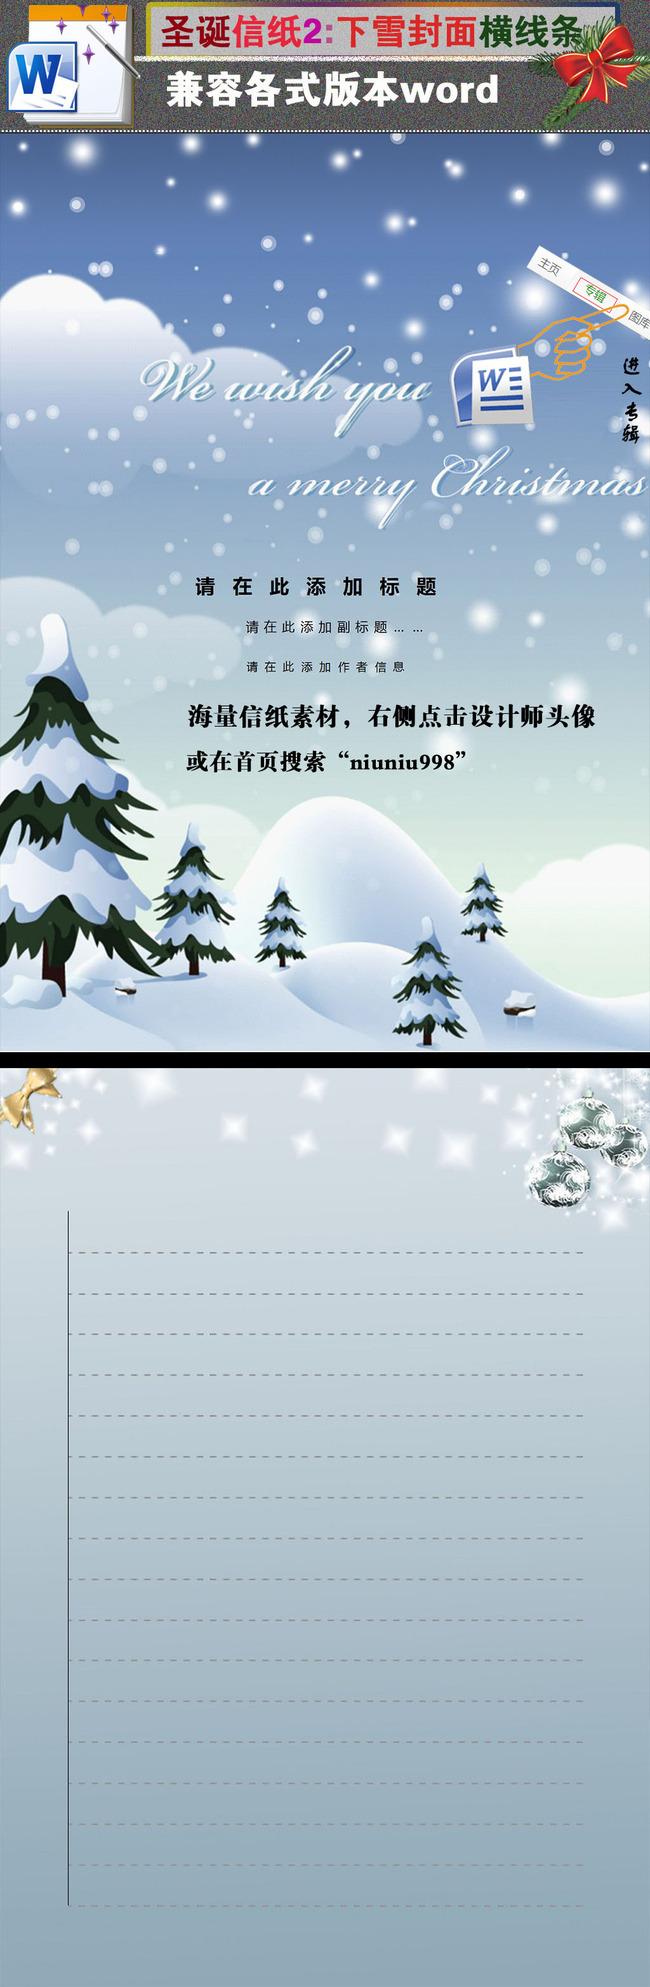 圣诞祝福横线条信纸word下雪背景素材图片